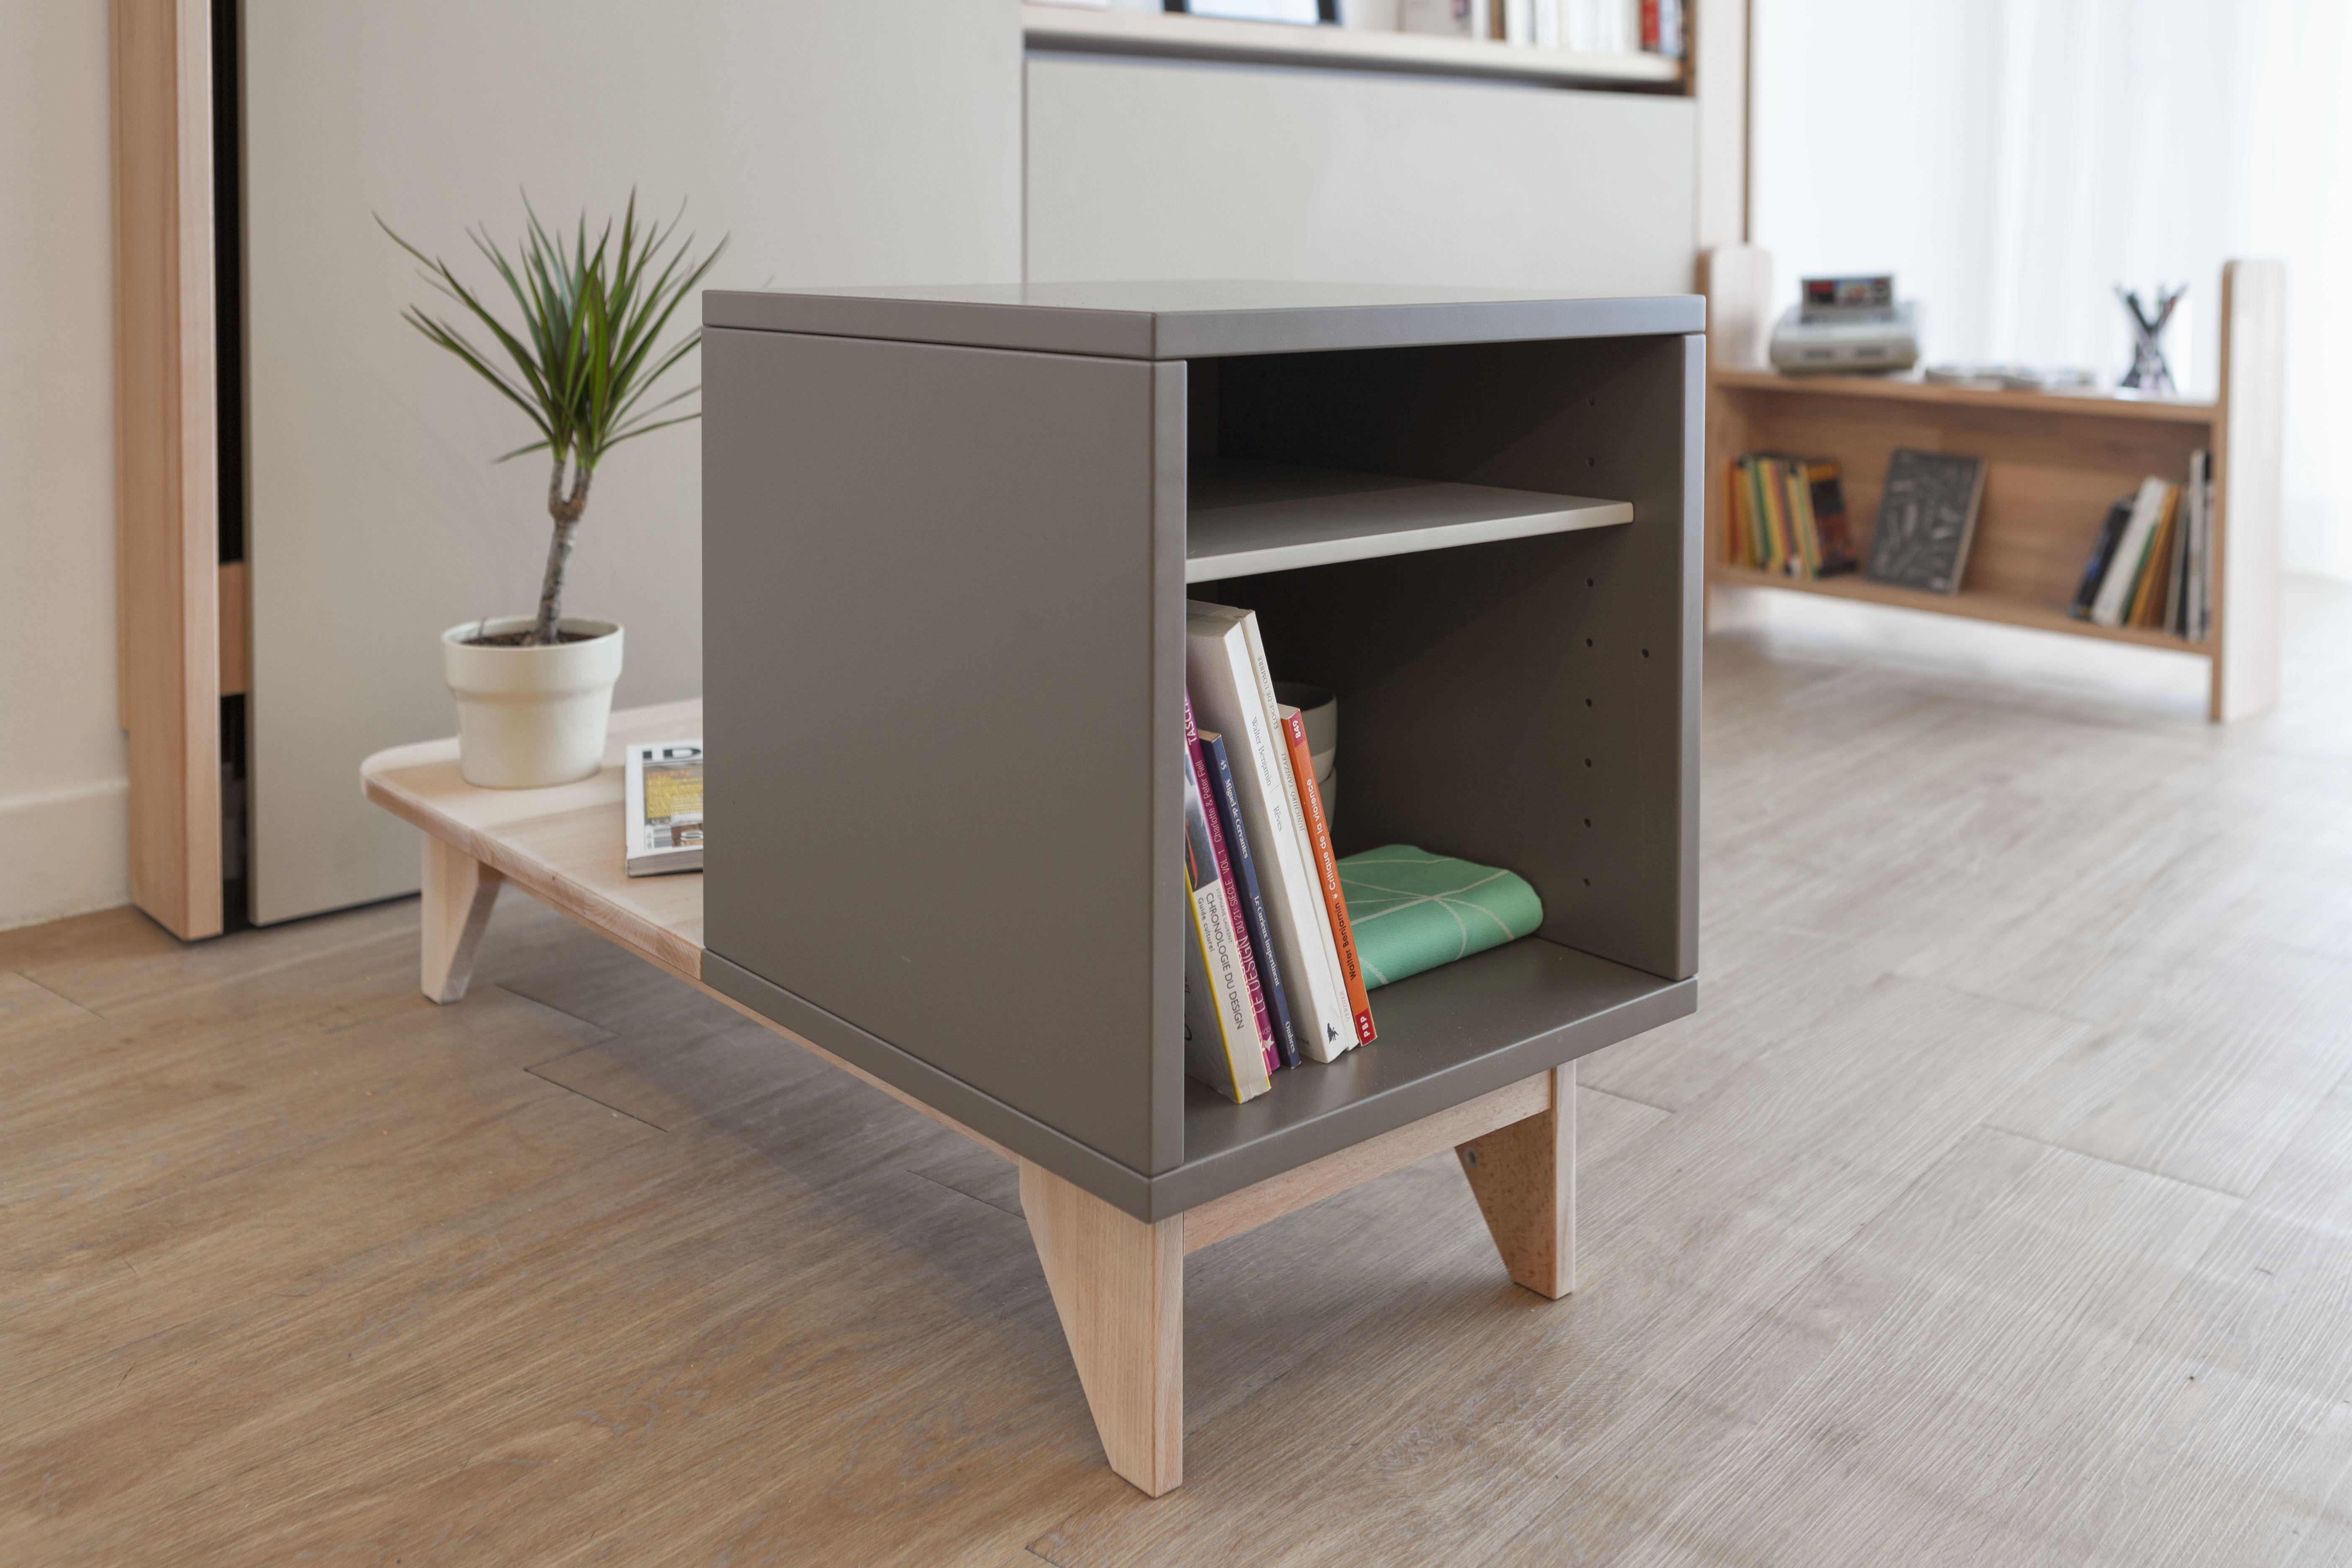 Meubles D Appuis Pour Bedup Campus Furniture Bedup French Design Item Wood Mobilier De Salon Lit Escamotable Decoration Maison